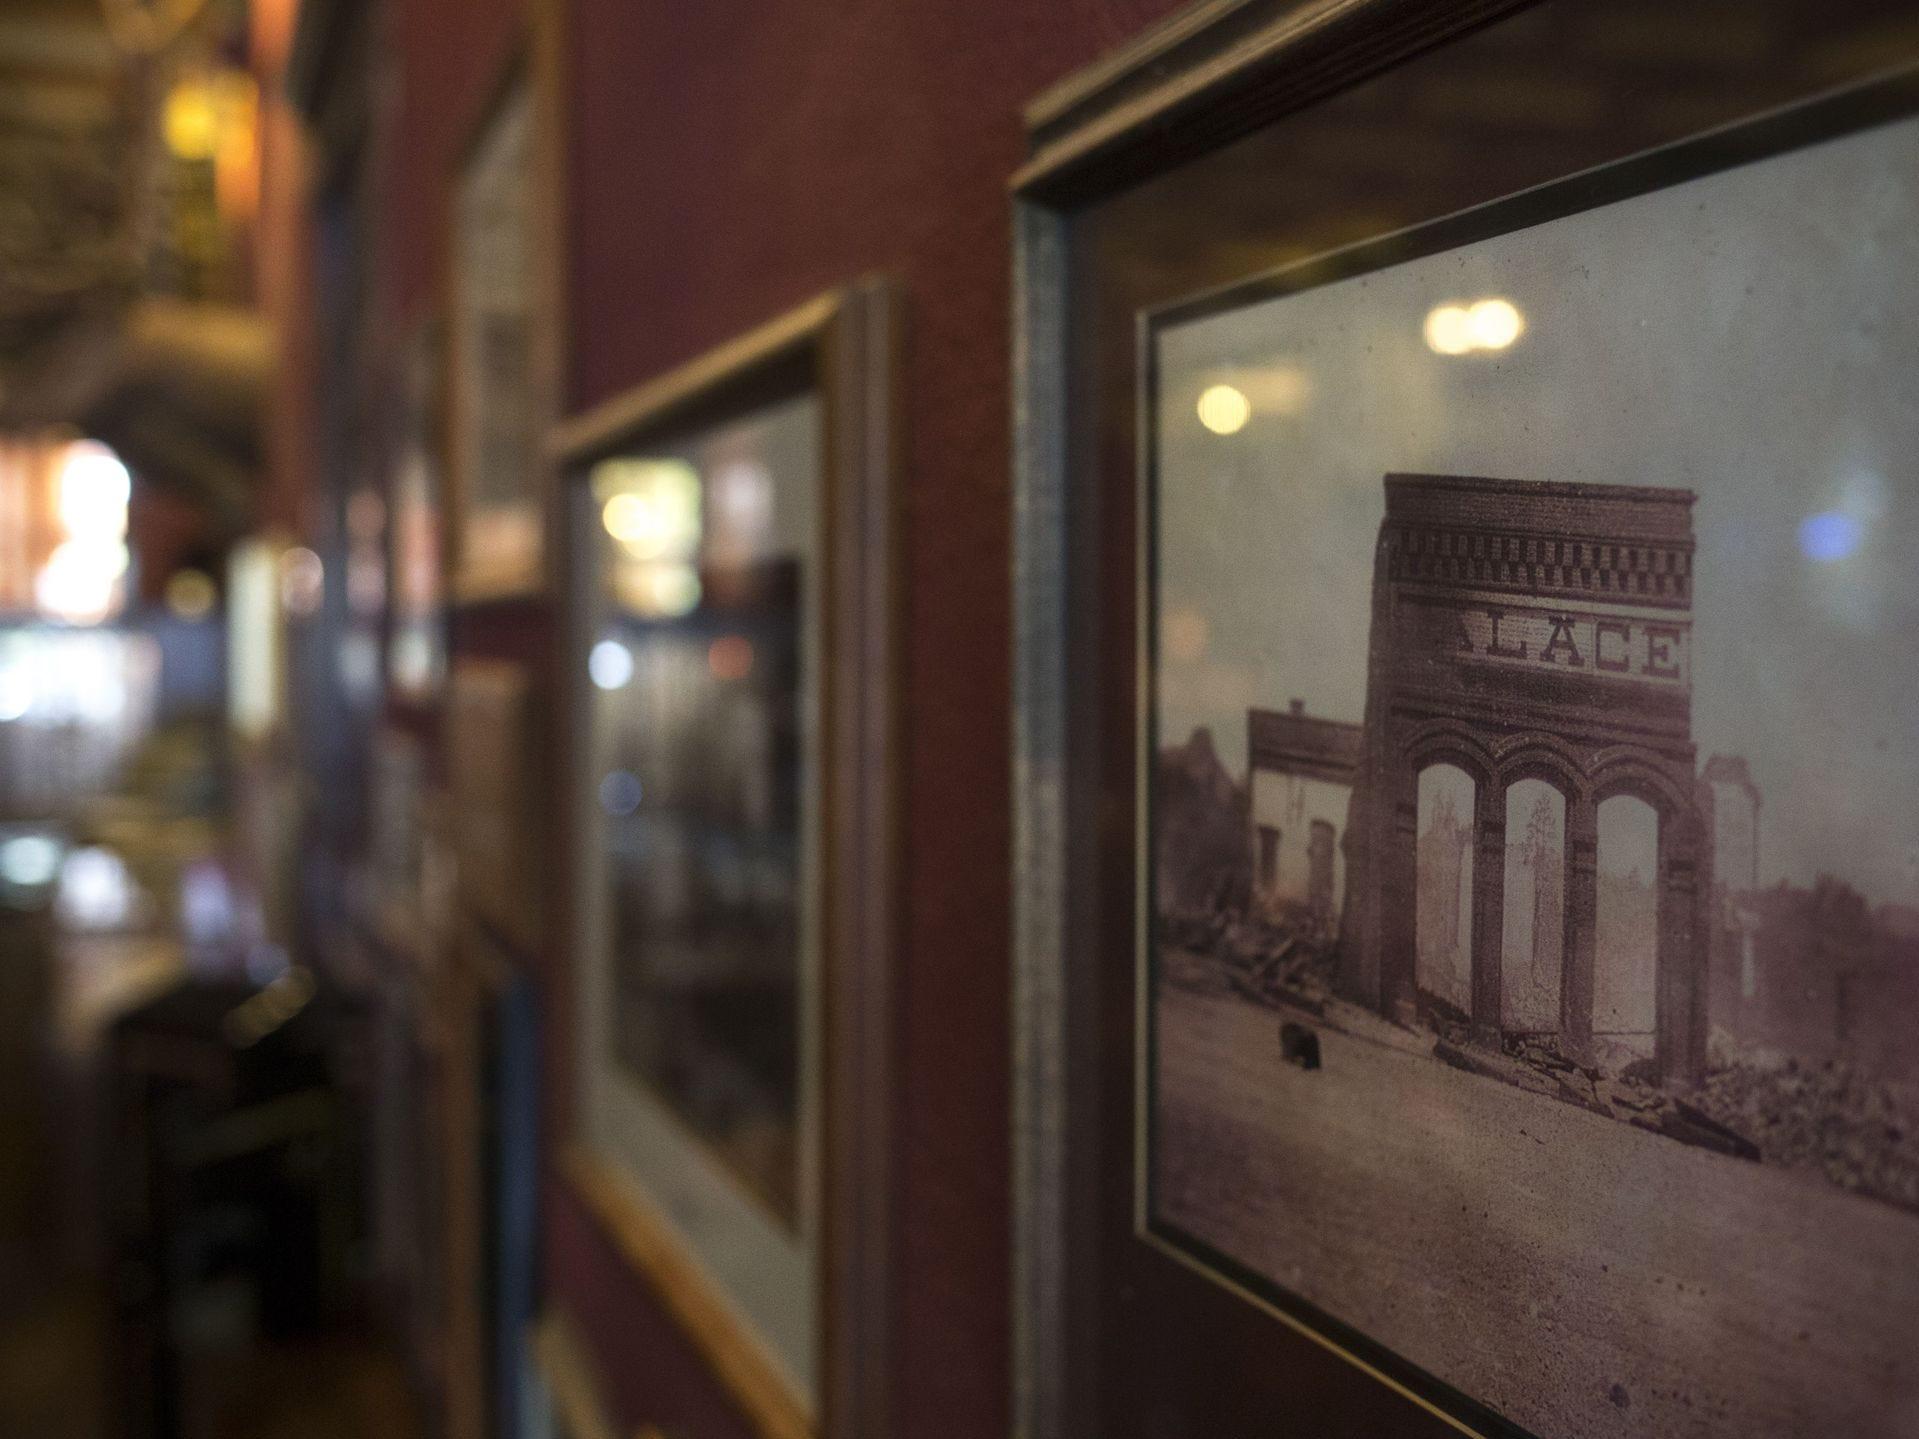 Una foto del Palacio después del incendio de Whiskey Row en 1990, el 6 de noviembre de 2017, cuelga en la pared del Palace Saloon and Restaurante 120 S. Montezuma Street, Prescott, Arizona